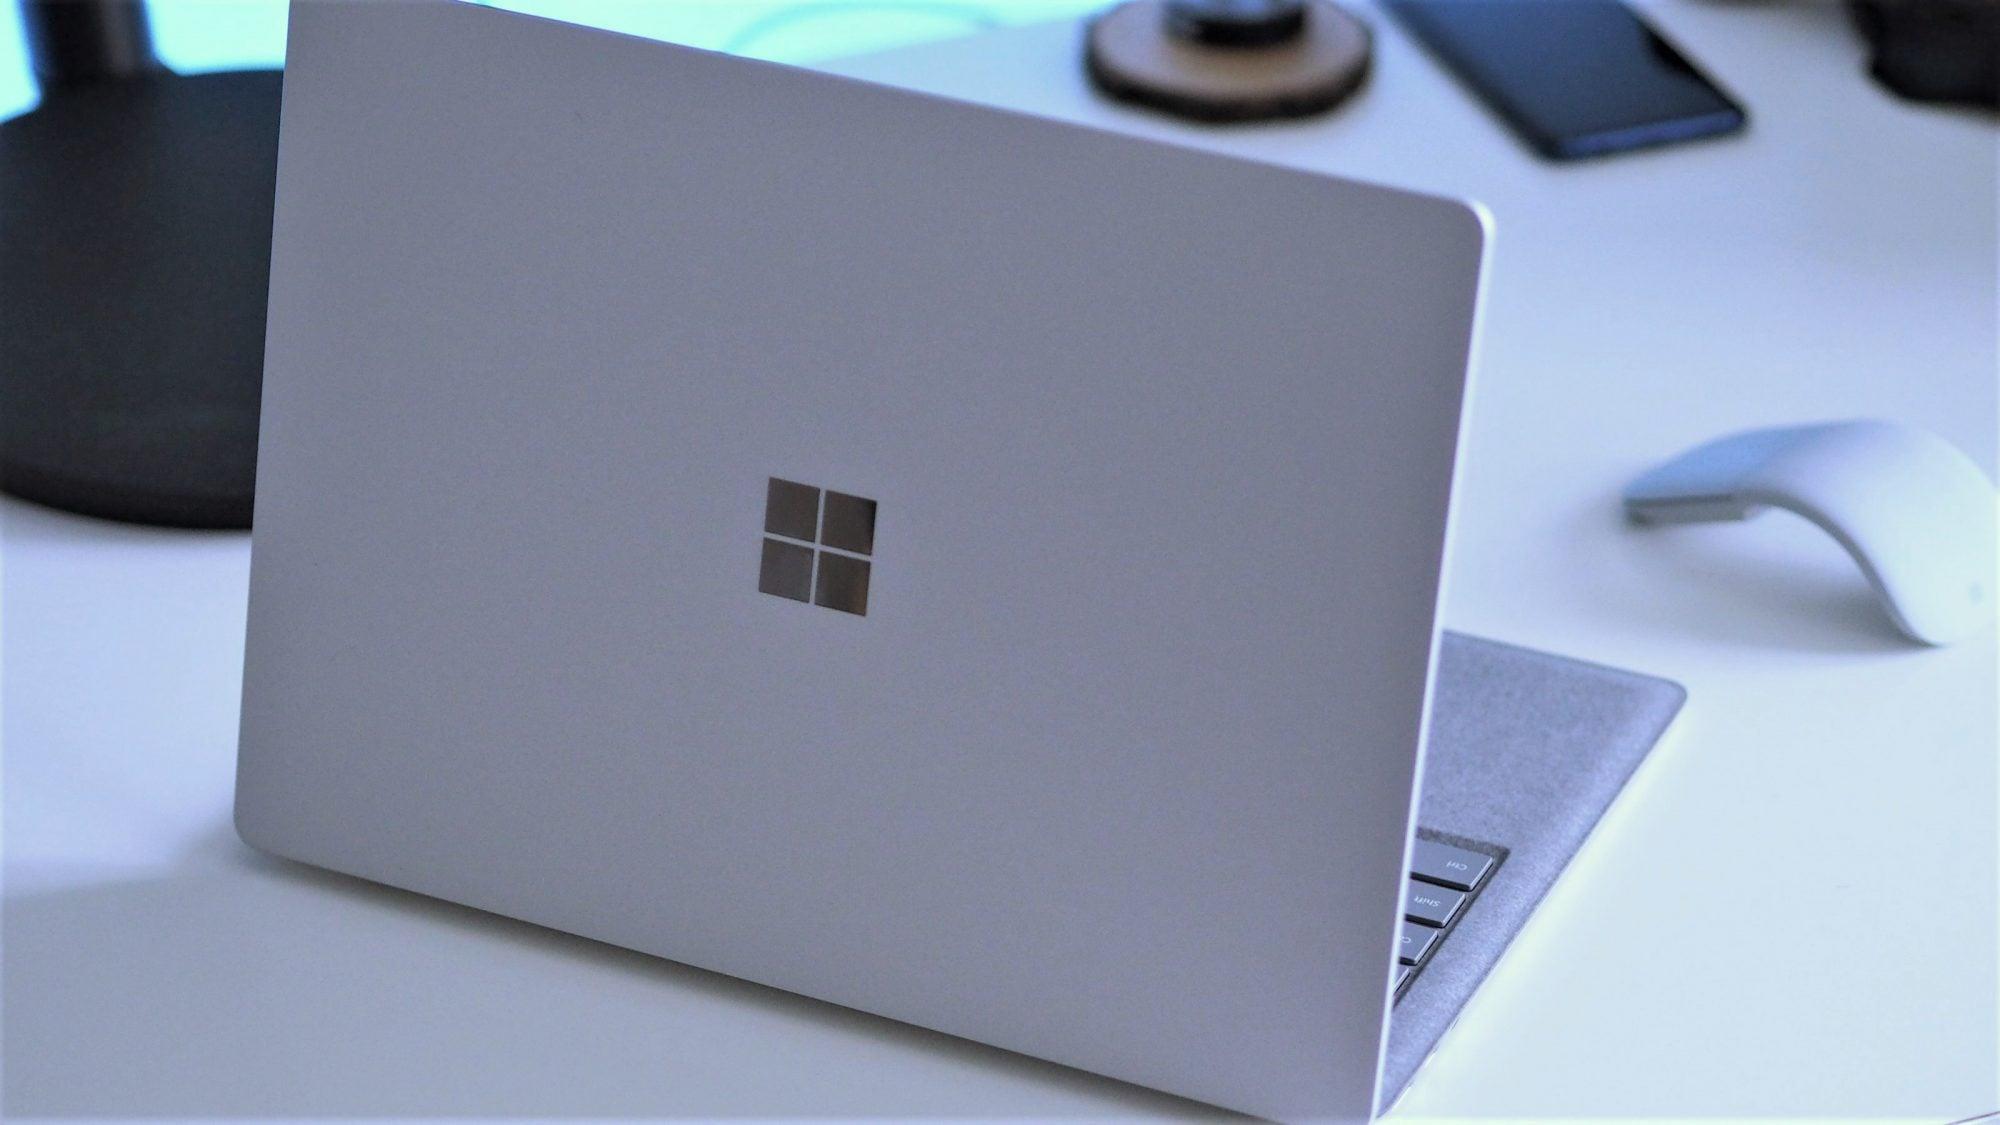 Ta reklama to troll level master: Mac Book mówi, że Surface Laptop 2 jest lepszy